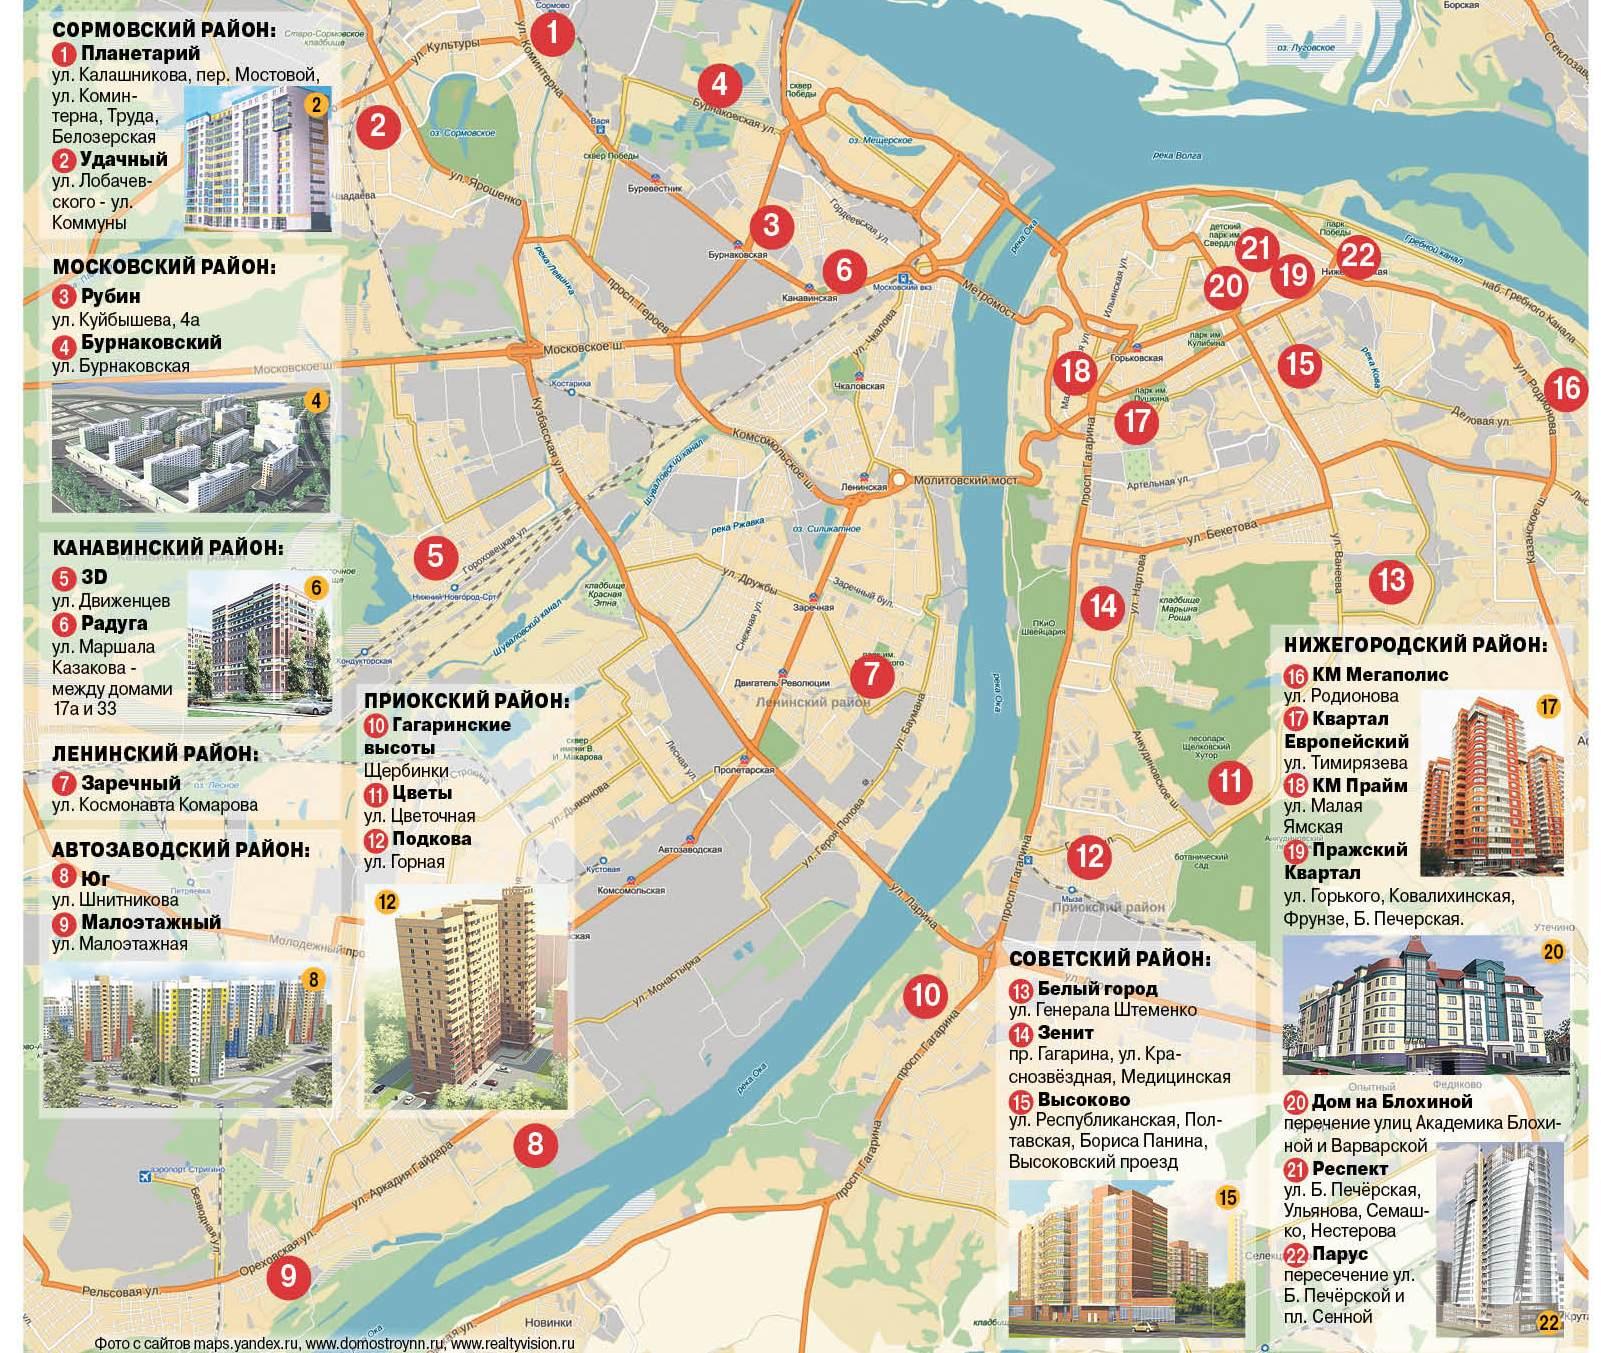 Карта Нижегородских новостроек